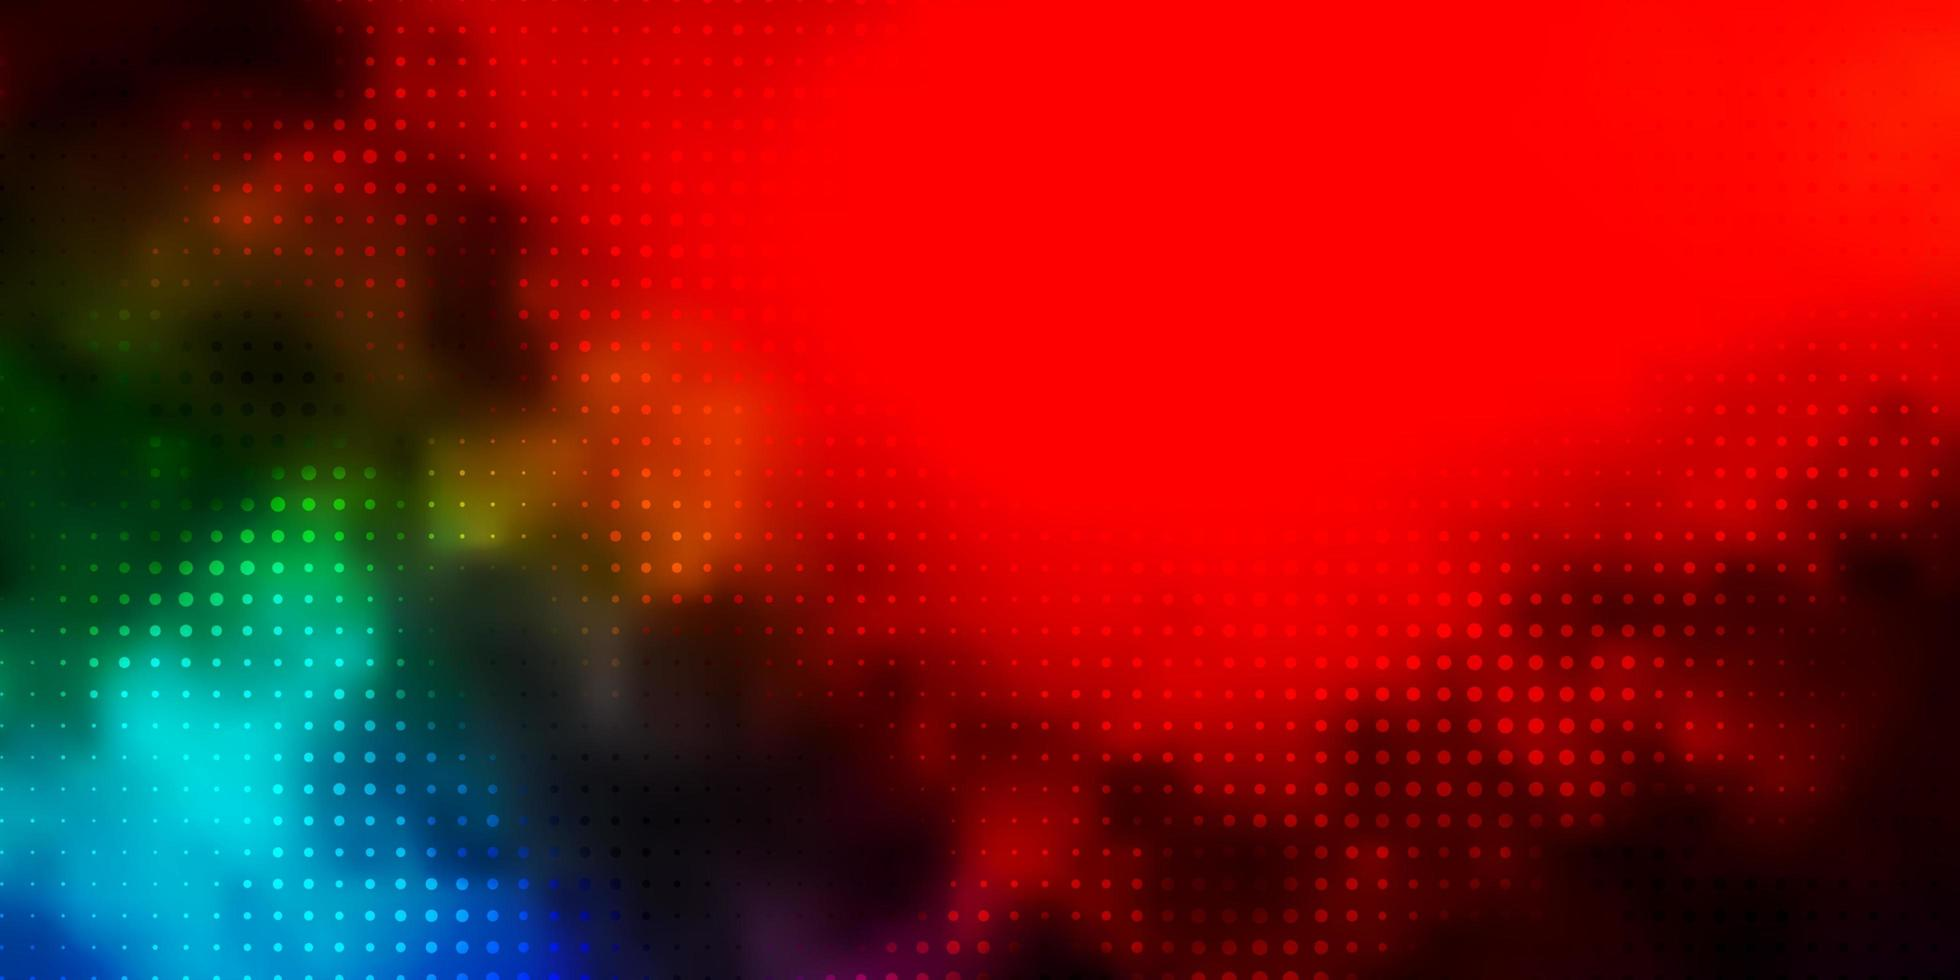 donker veelkleurig vectorpatroon met bollen. vector